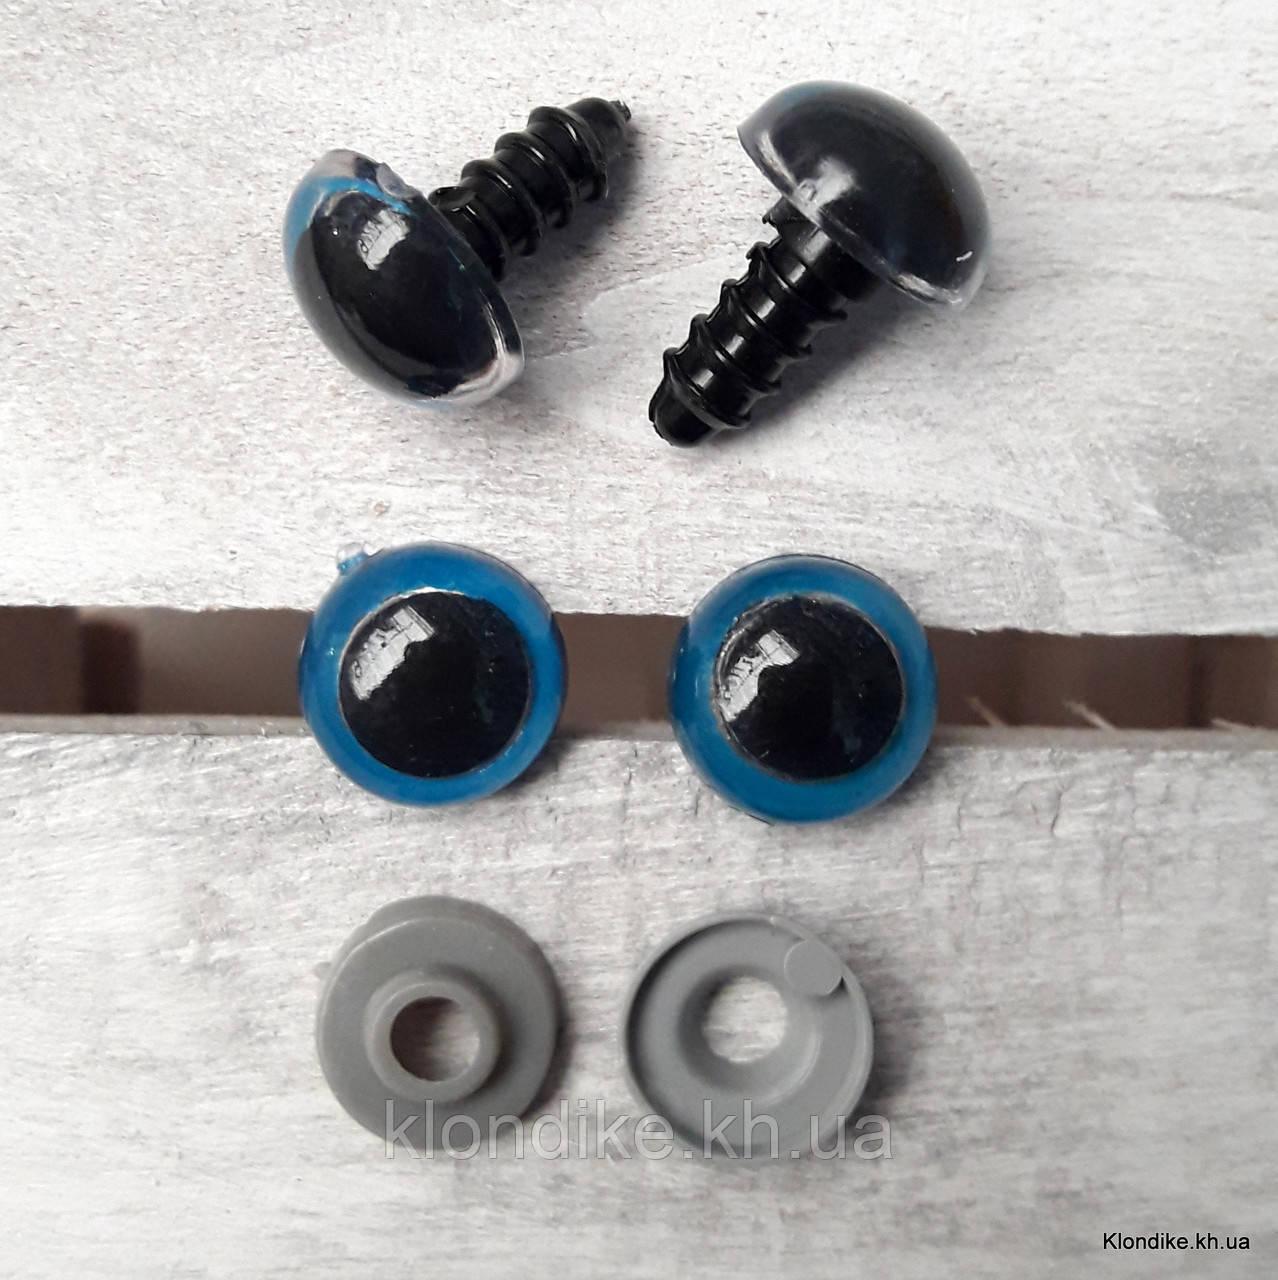 Вічка для іграшок, Акрил, 12 мм, Колір: Синій (5 пар)